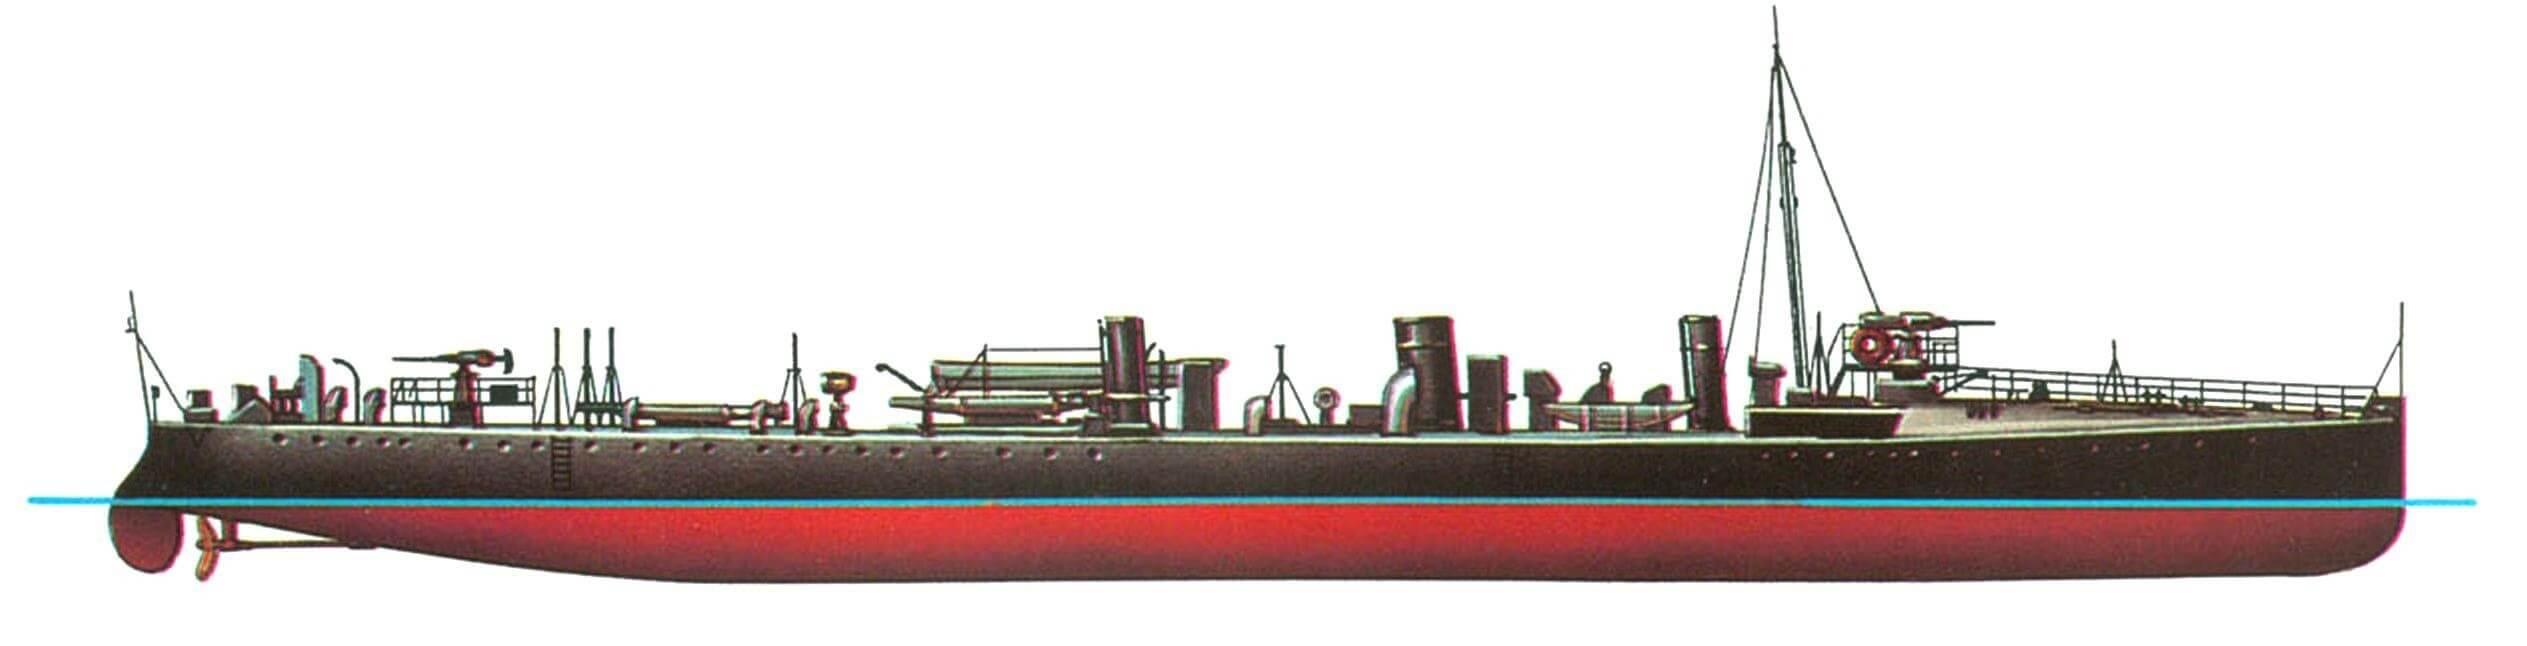 115. Эскадренный миноносец «Стэрджен», Англия, 1896 г.